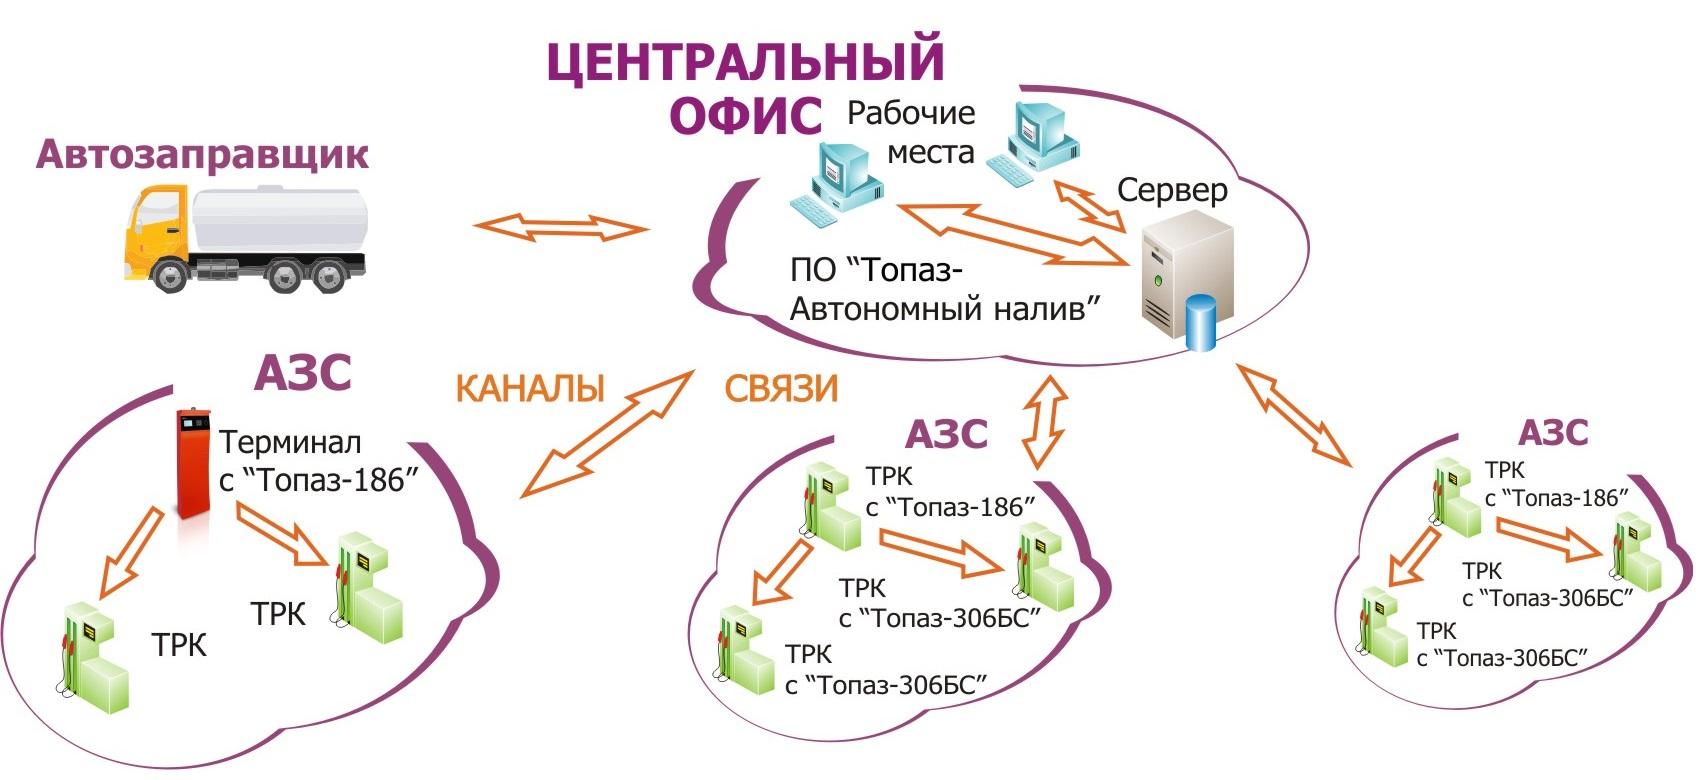 группой ТРК, сетью АЗС.